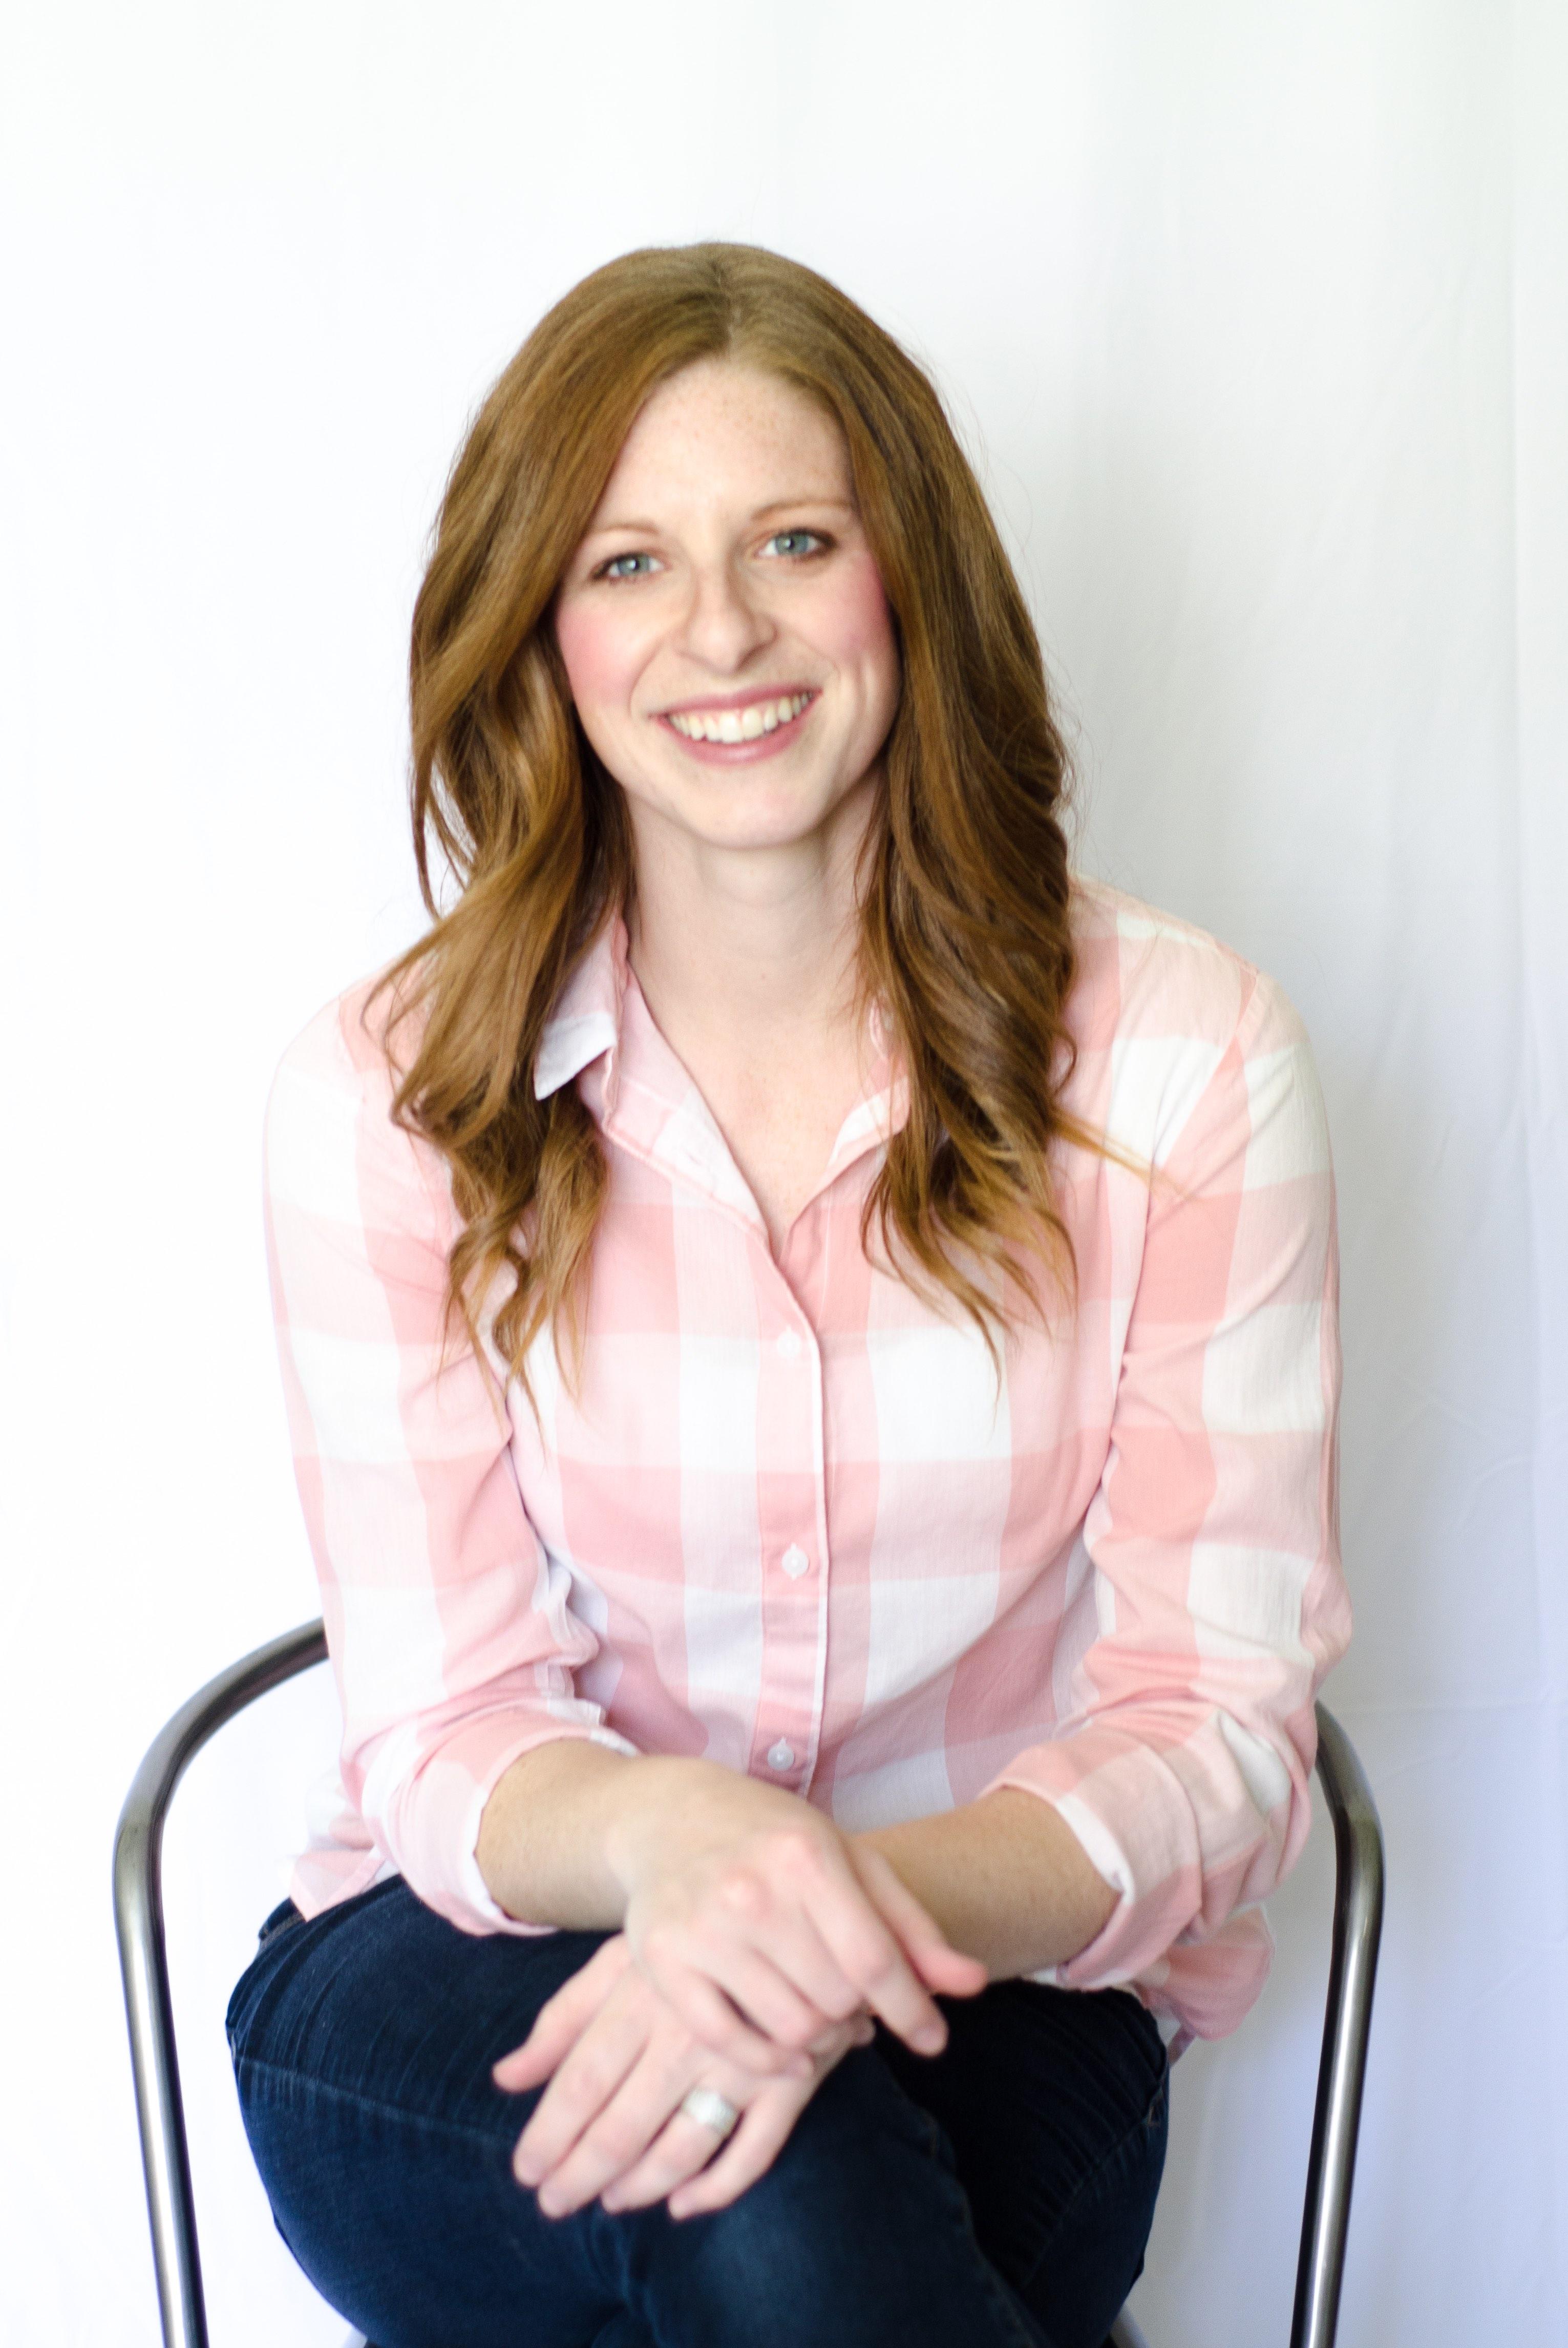 Elizabeth Dall